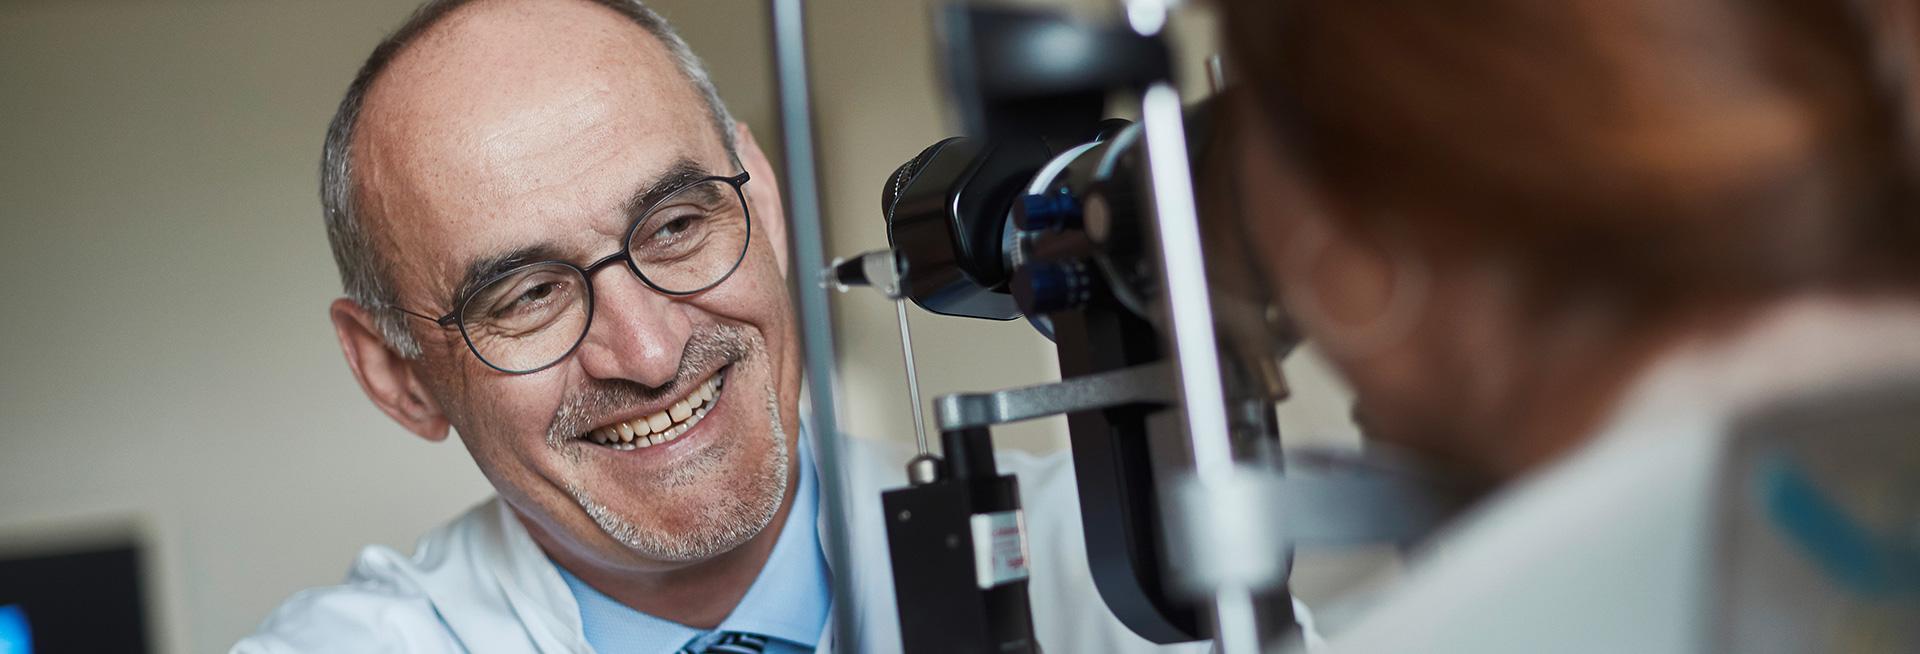 Prof. Kohlhaas ist Spezialist für Augen Lasern in Dortmund